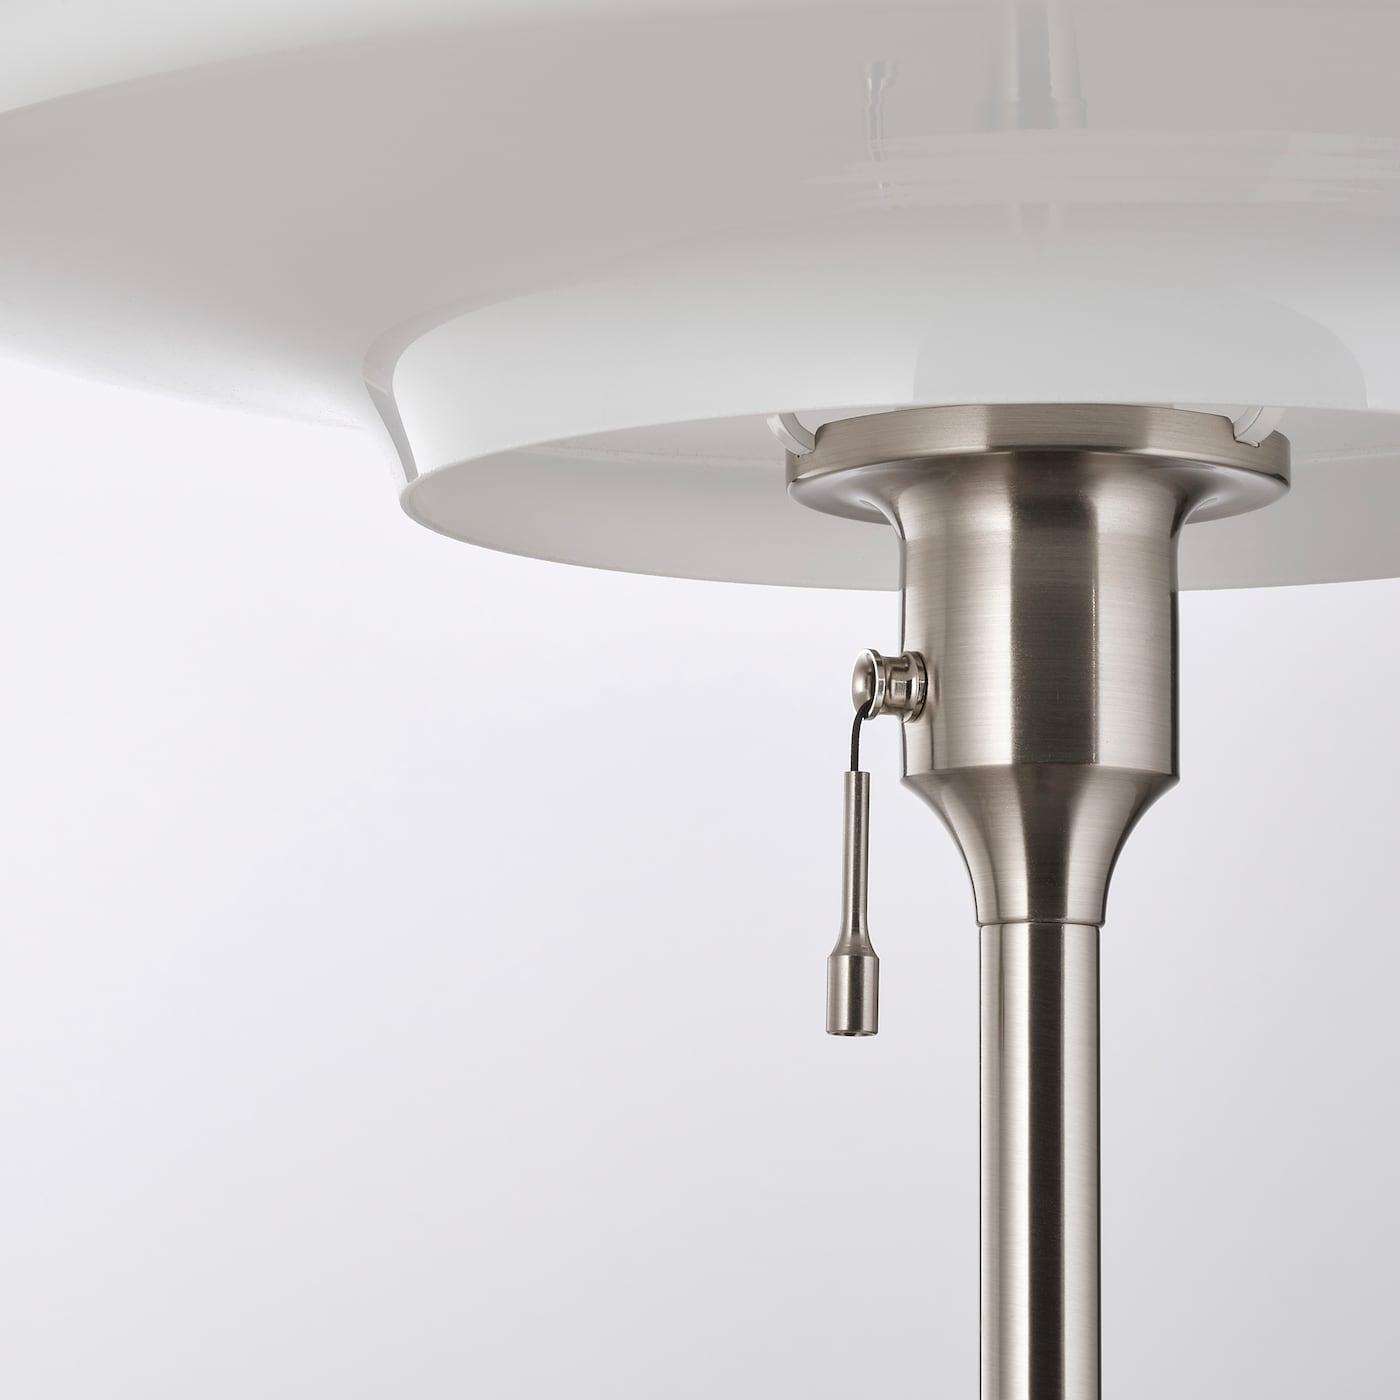 Full Size of Ikea Stehlampe Lampenschirm Papier Stehlampen Wien Moderne Dimmbar Lampe Schweiz Lampen Dimmen Wohnzimmer Led Schirm Tllbyn Standleuchte Vernickelt Miniküche Wohnzimmer Stehlampen Ikea